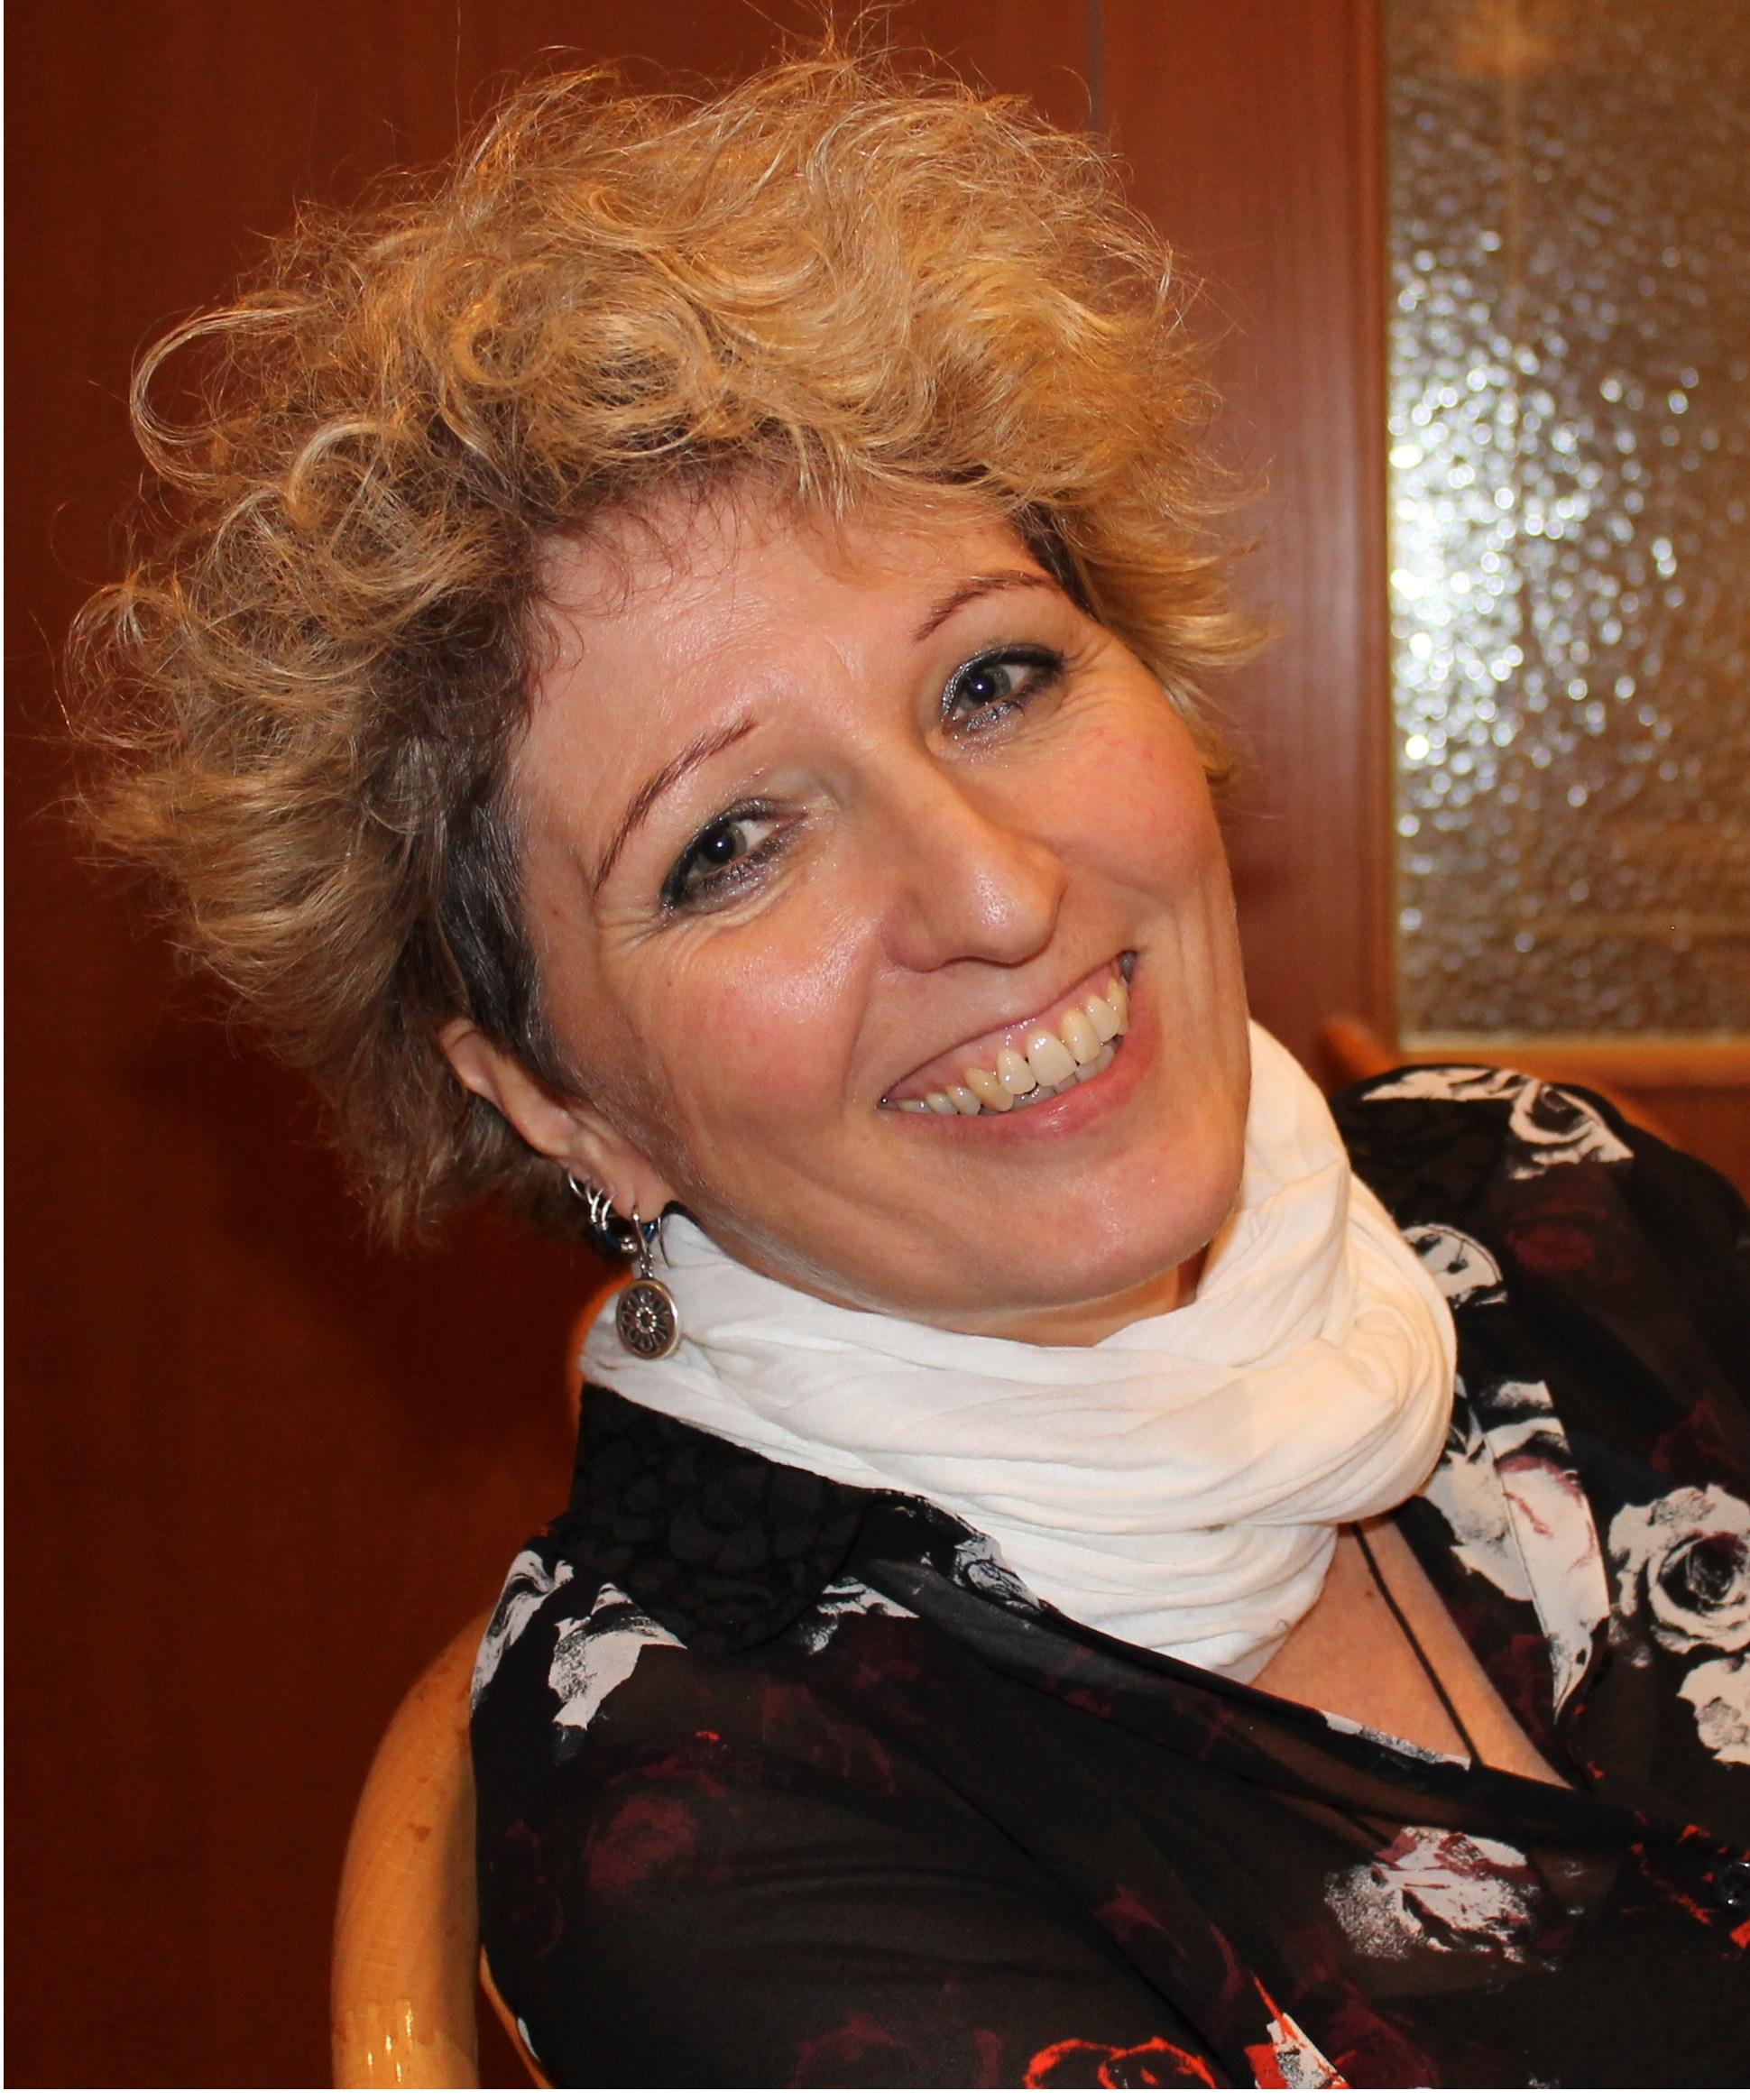 Martina Skarecky